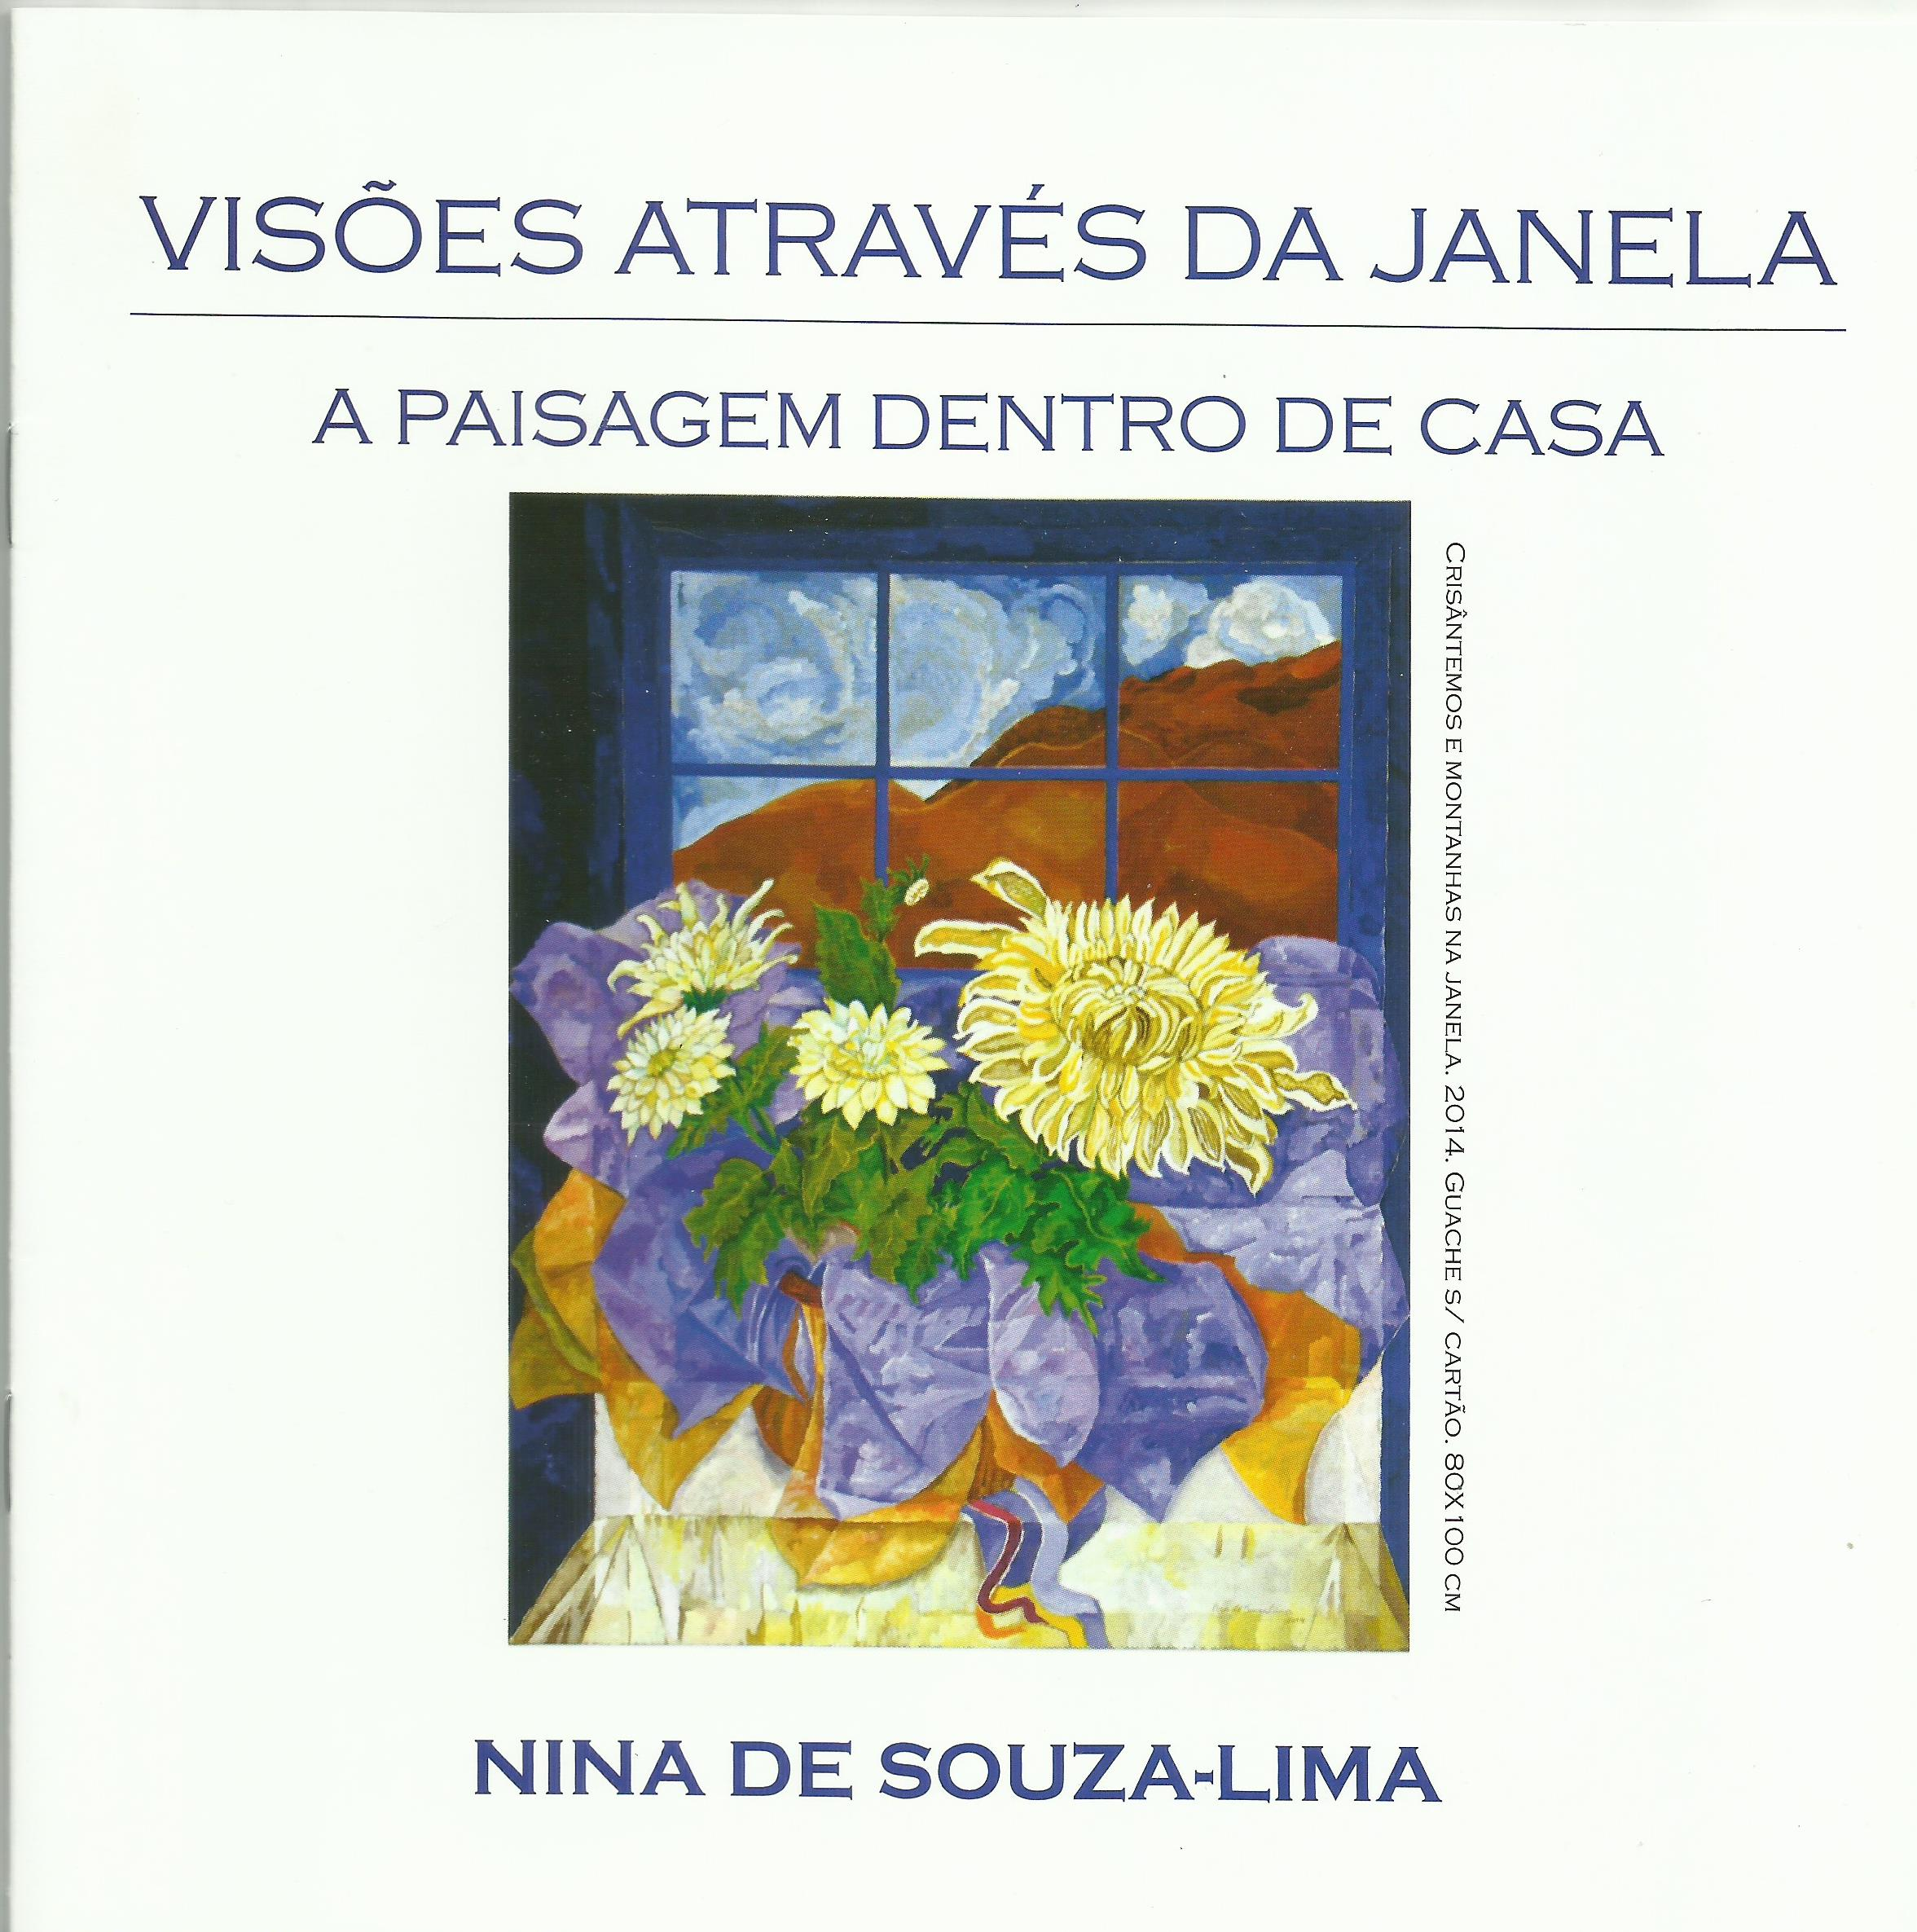 Catálogo da exposição Visões Através da Janela: a paisagem dentro de casa. Produzido pela curadoria do Espaço Cultural Fórum Lafayette, Belo Horizonte, MG. [2015]